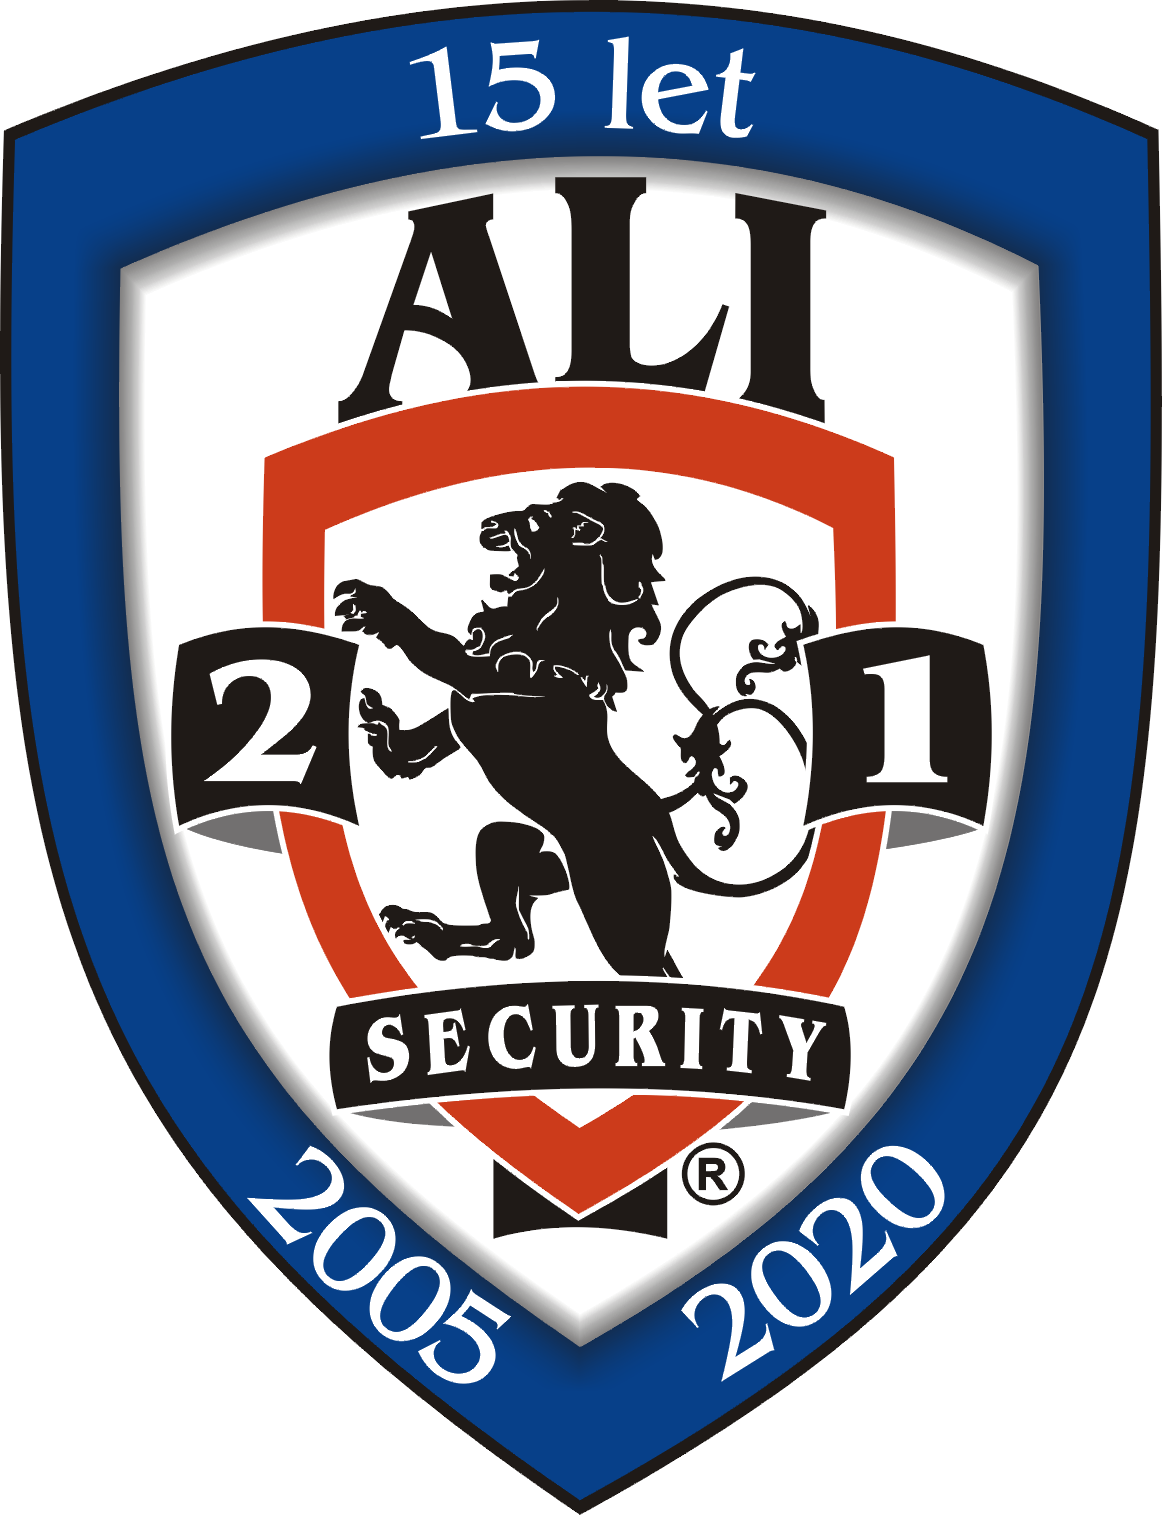 Bezpečnostní agentura Praha ALI 21, Ostraha akcí, ochranka, security, poskytování ochranné a bezpečnostní služby, úklid akcí, požární a zdravotní asistence